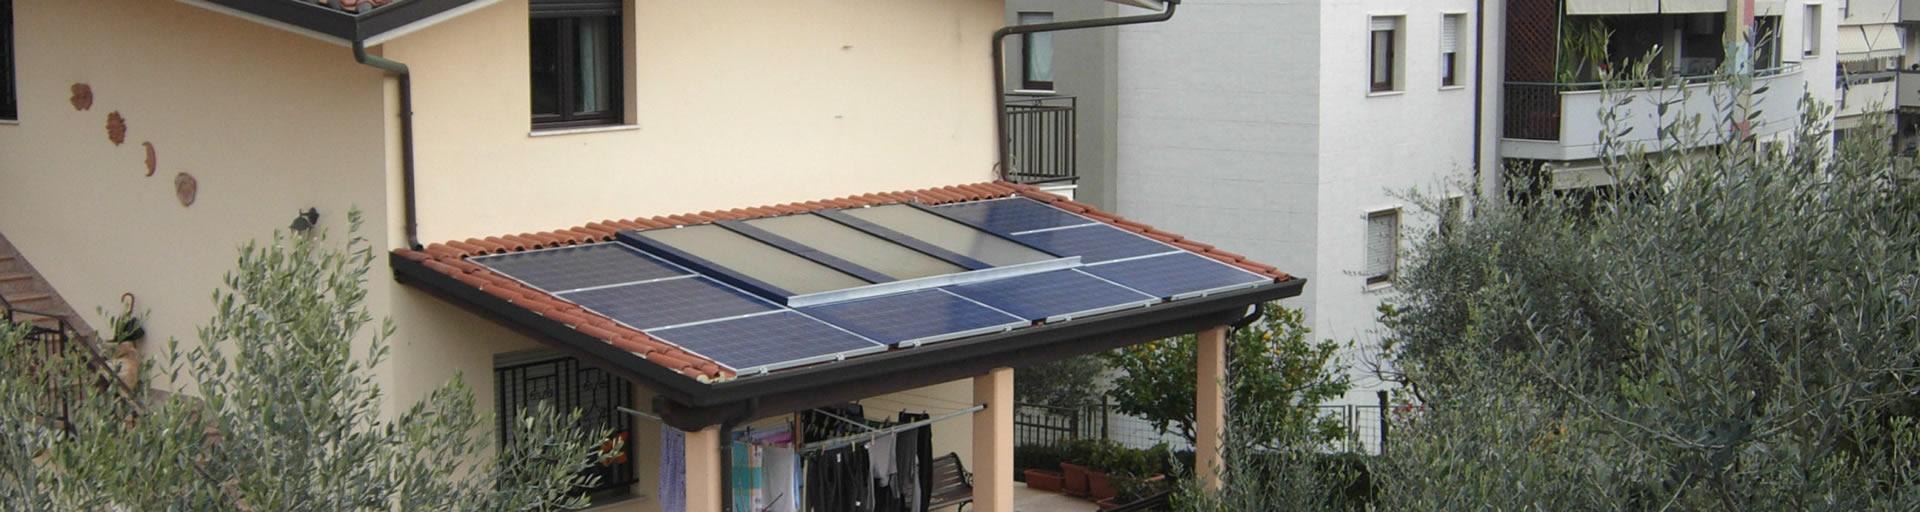 Impianto integrato di solare termico e fotovoltaico